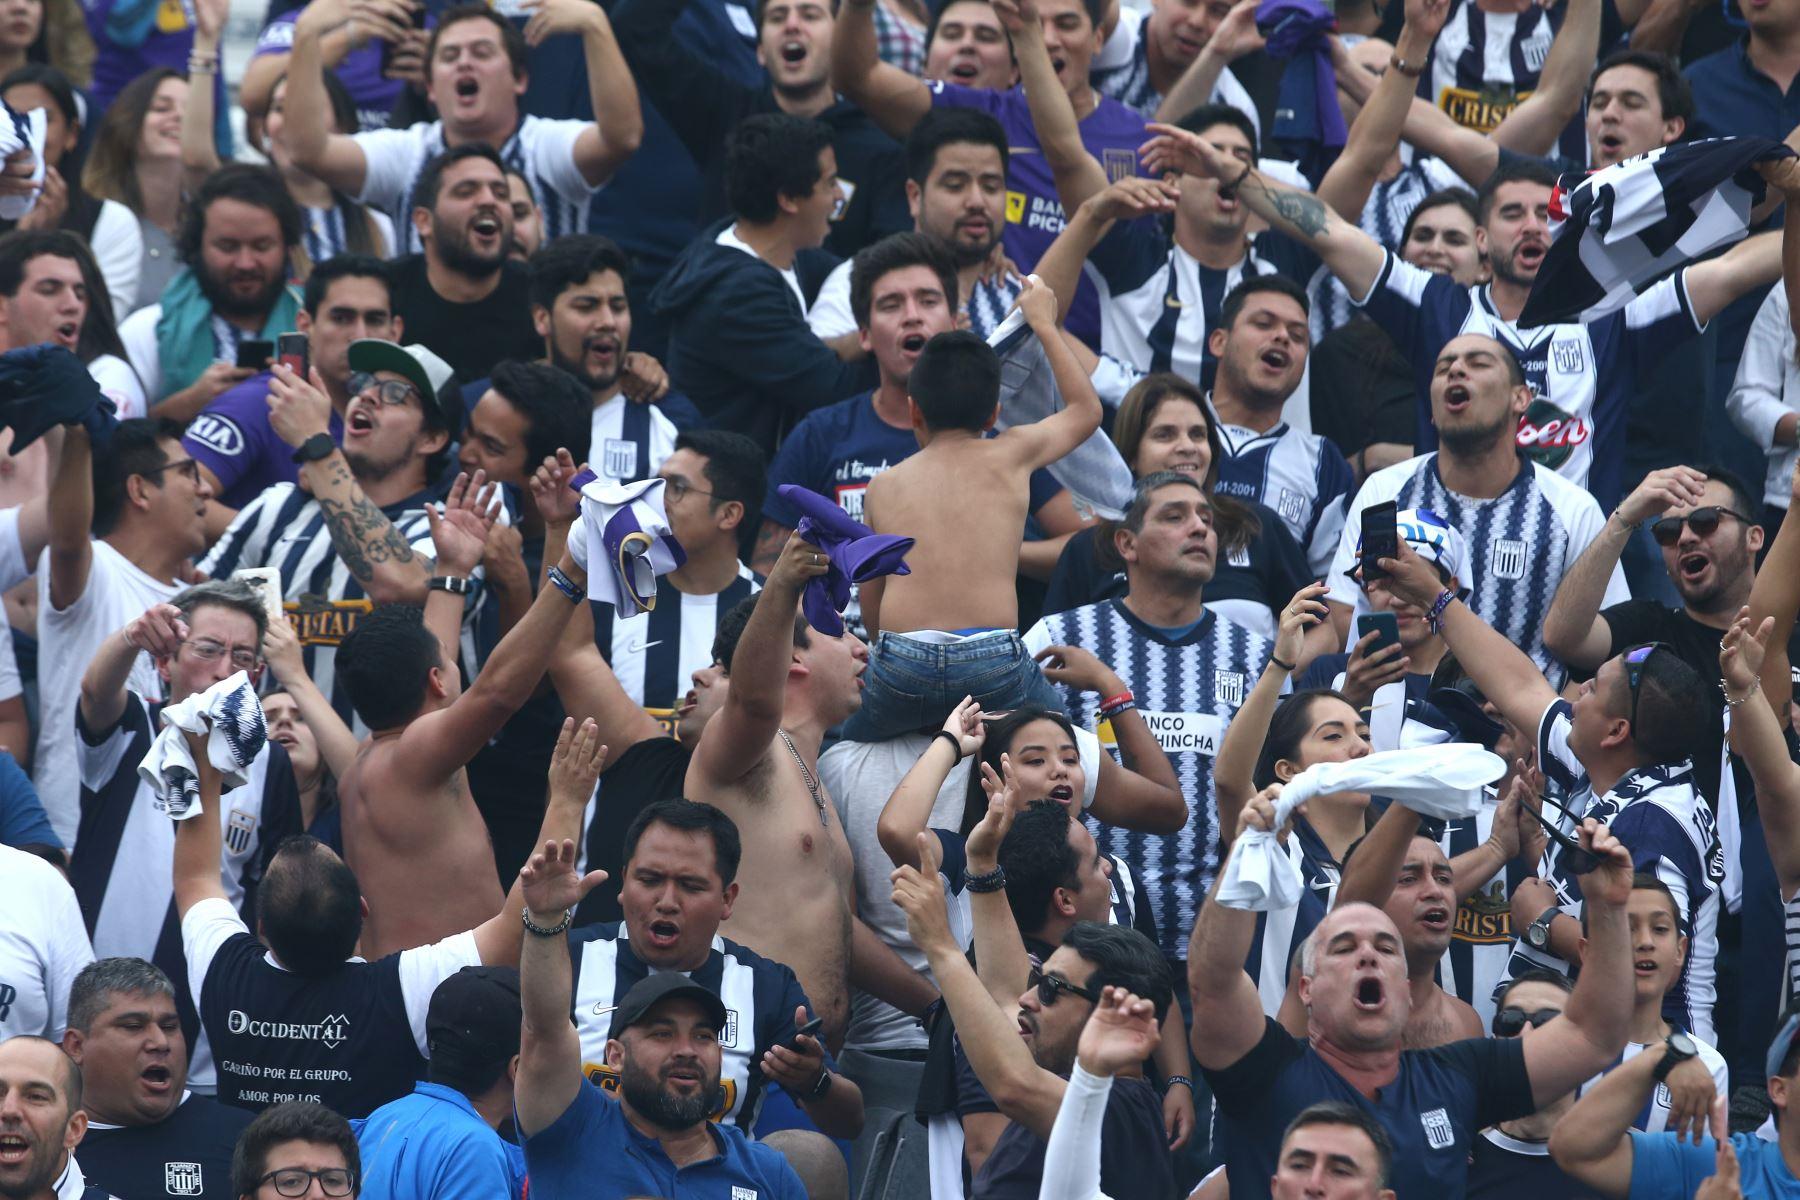 Hinchada de Alianza Lima ante  Sport Huancayo por la fecha 16 del Torneo Clausura de la Liga 1en el estadio Alejandro Villanueva de La Victoria. Foto: ANDINA/Vidal Tarqui